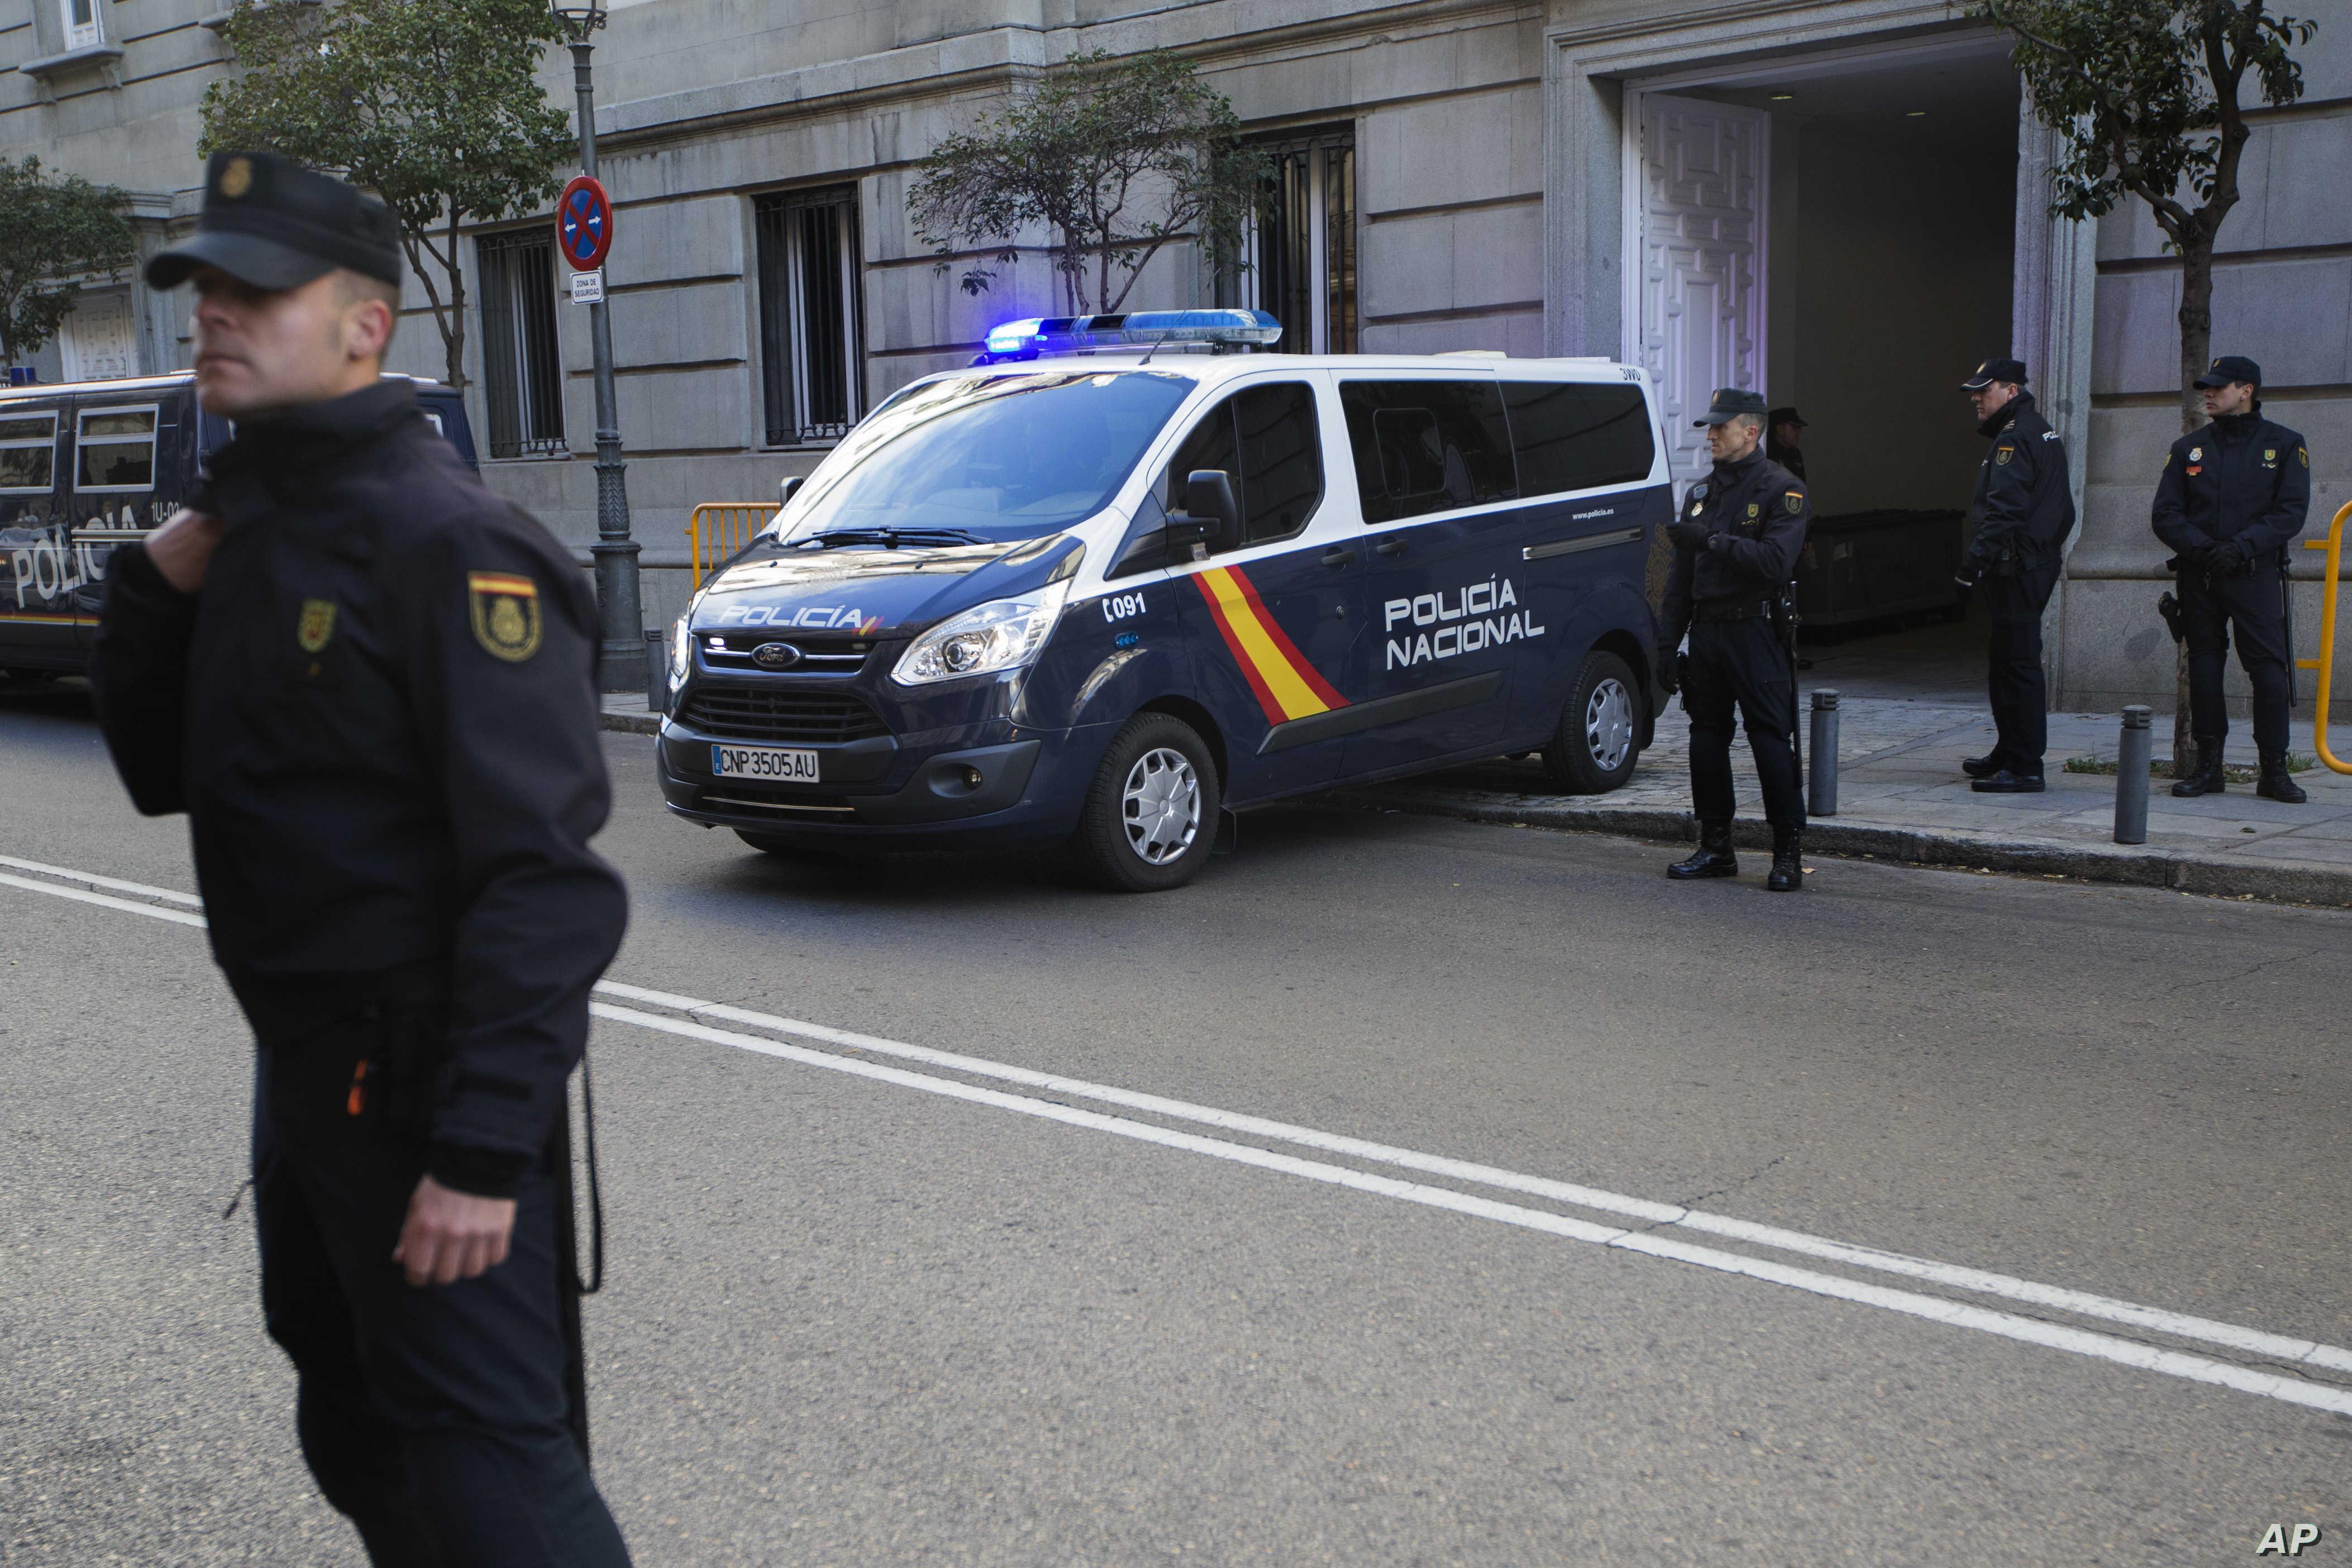 Grabitën 27 shtëpi me të njëjtën skemë, goditet banda shqiptare e hajdutëve në Spanjë